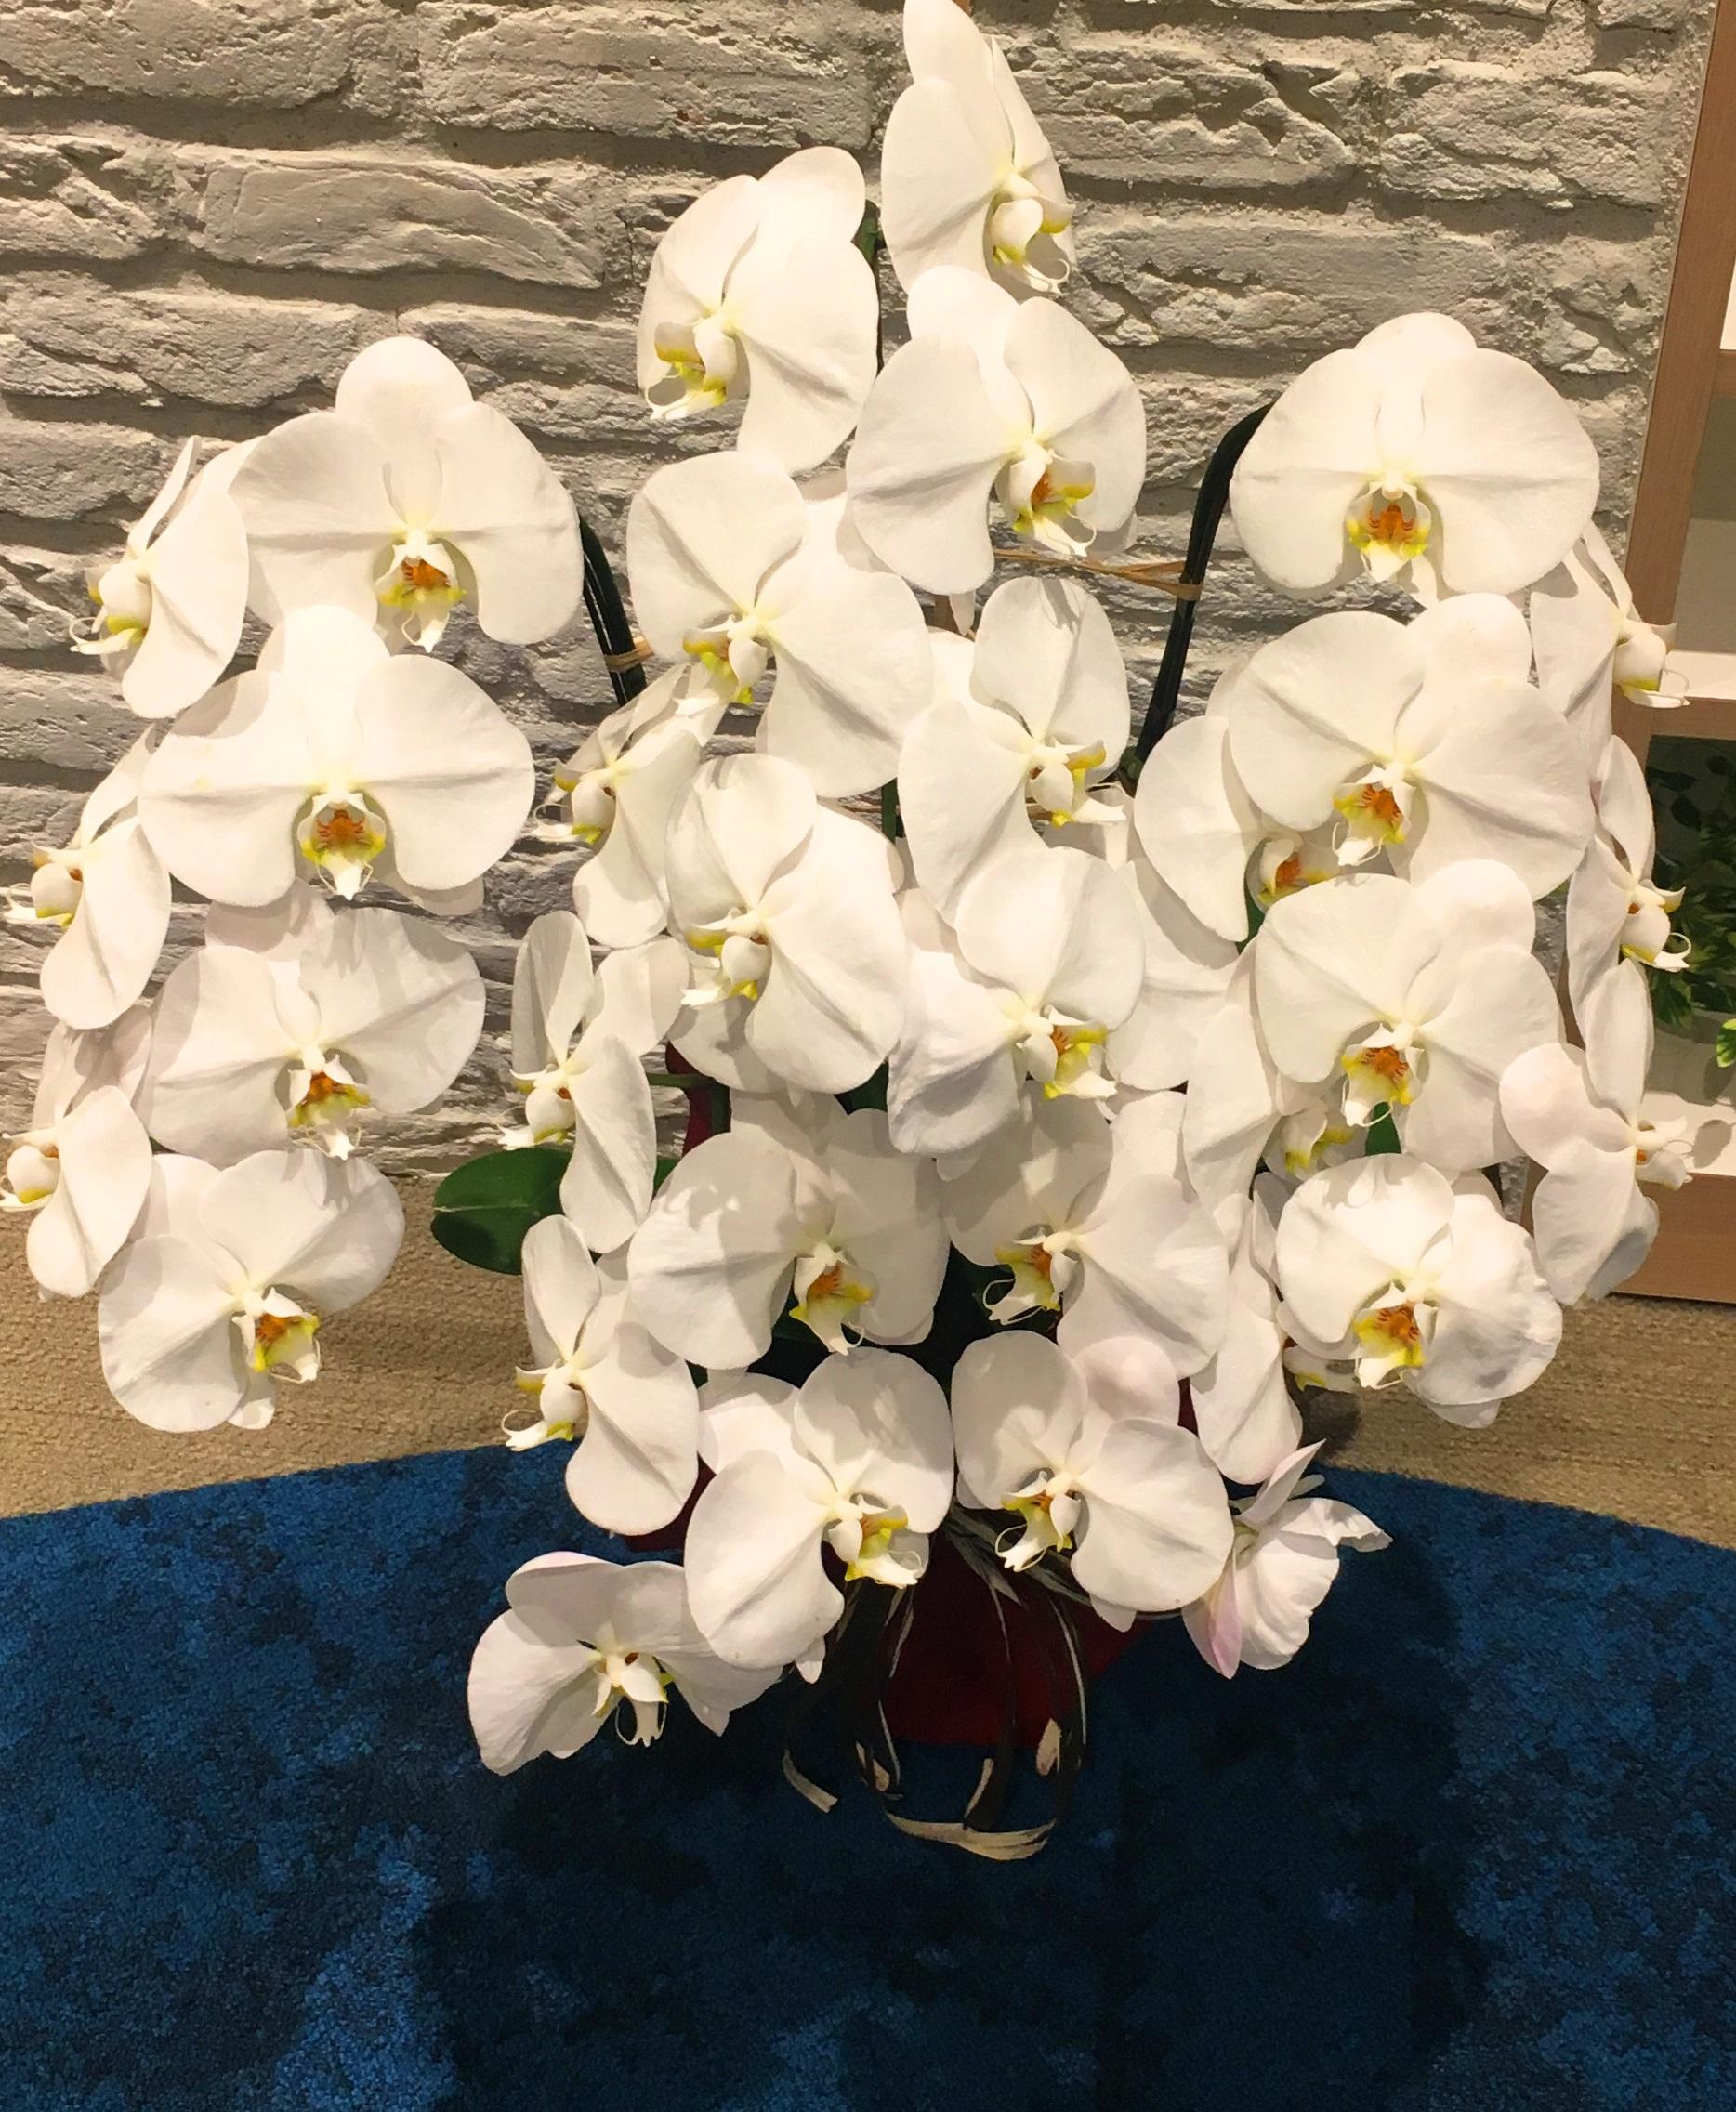 【ナオ花屋の納品事例204】横浜ランドマークタワーの法人企業様へ胡蝶蘭を配達しました!